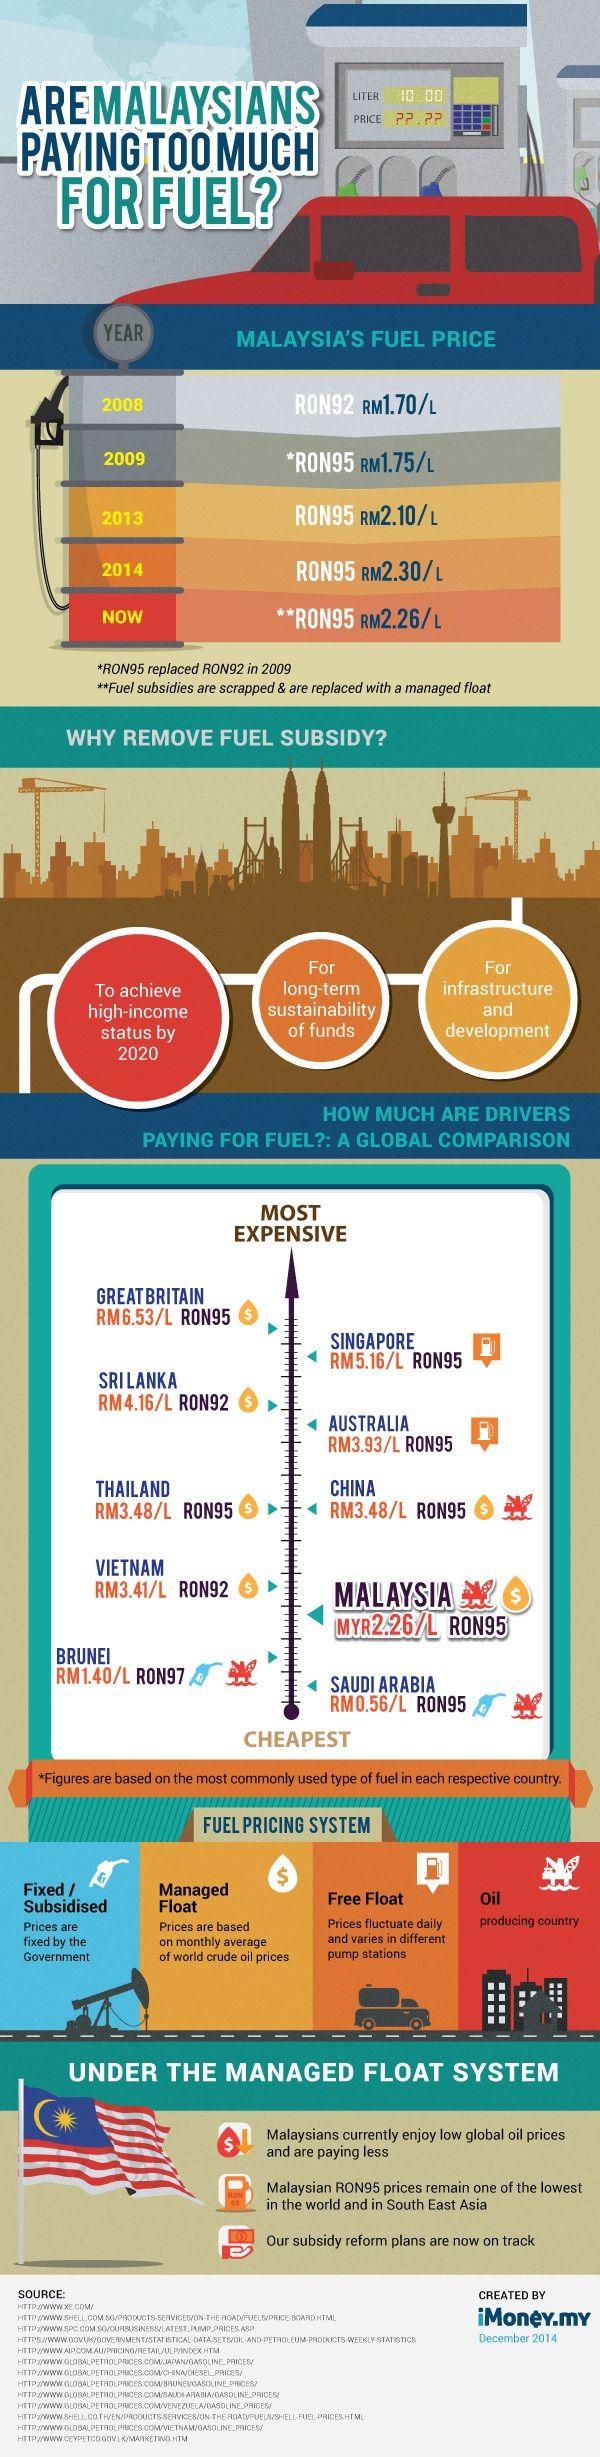 Malaysian petrol price 2014